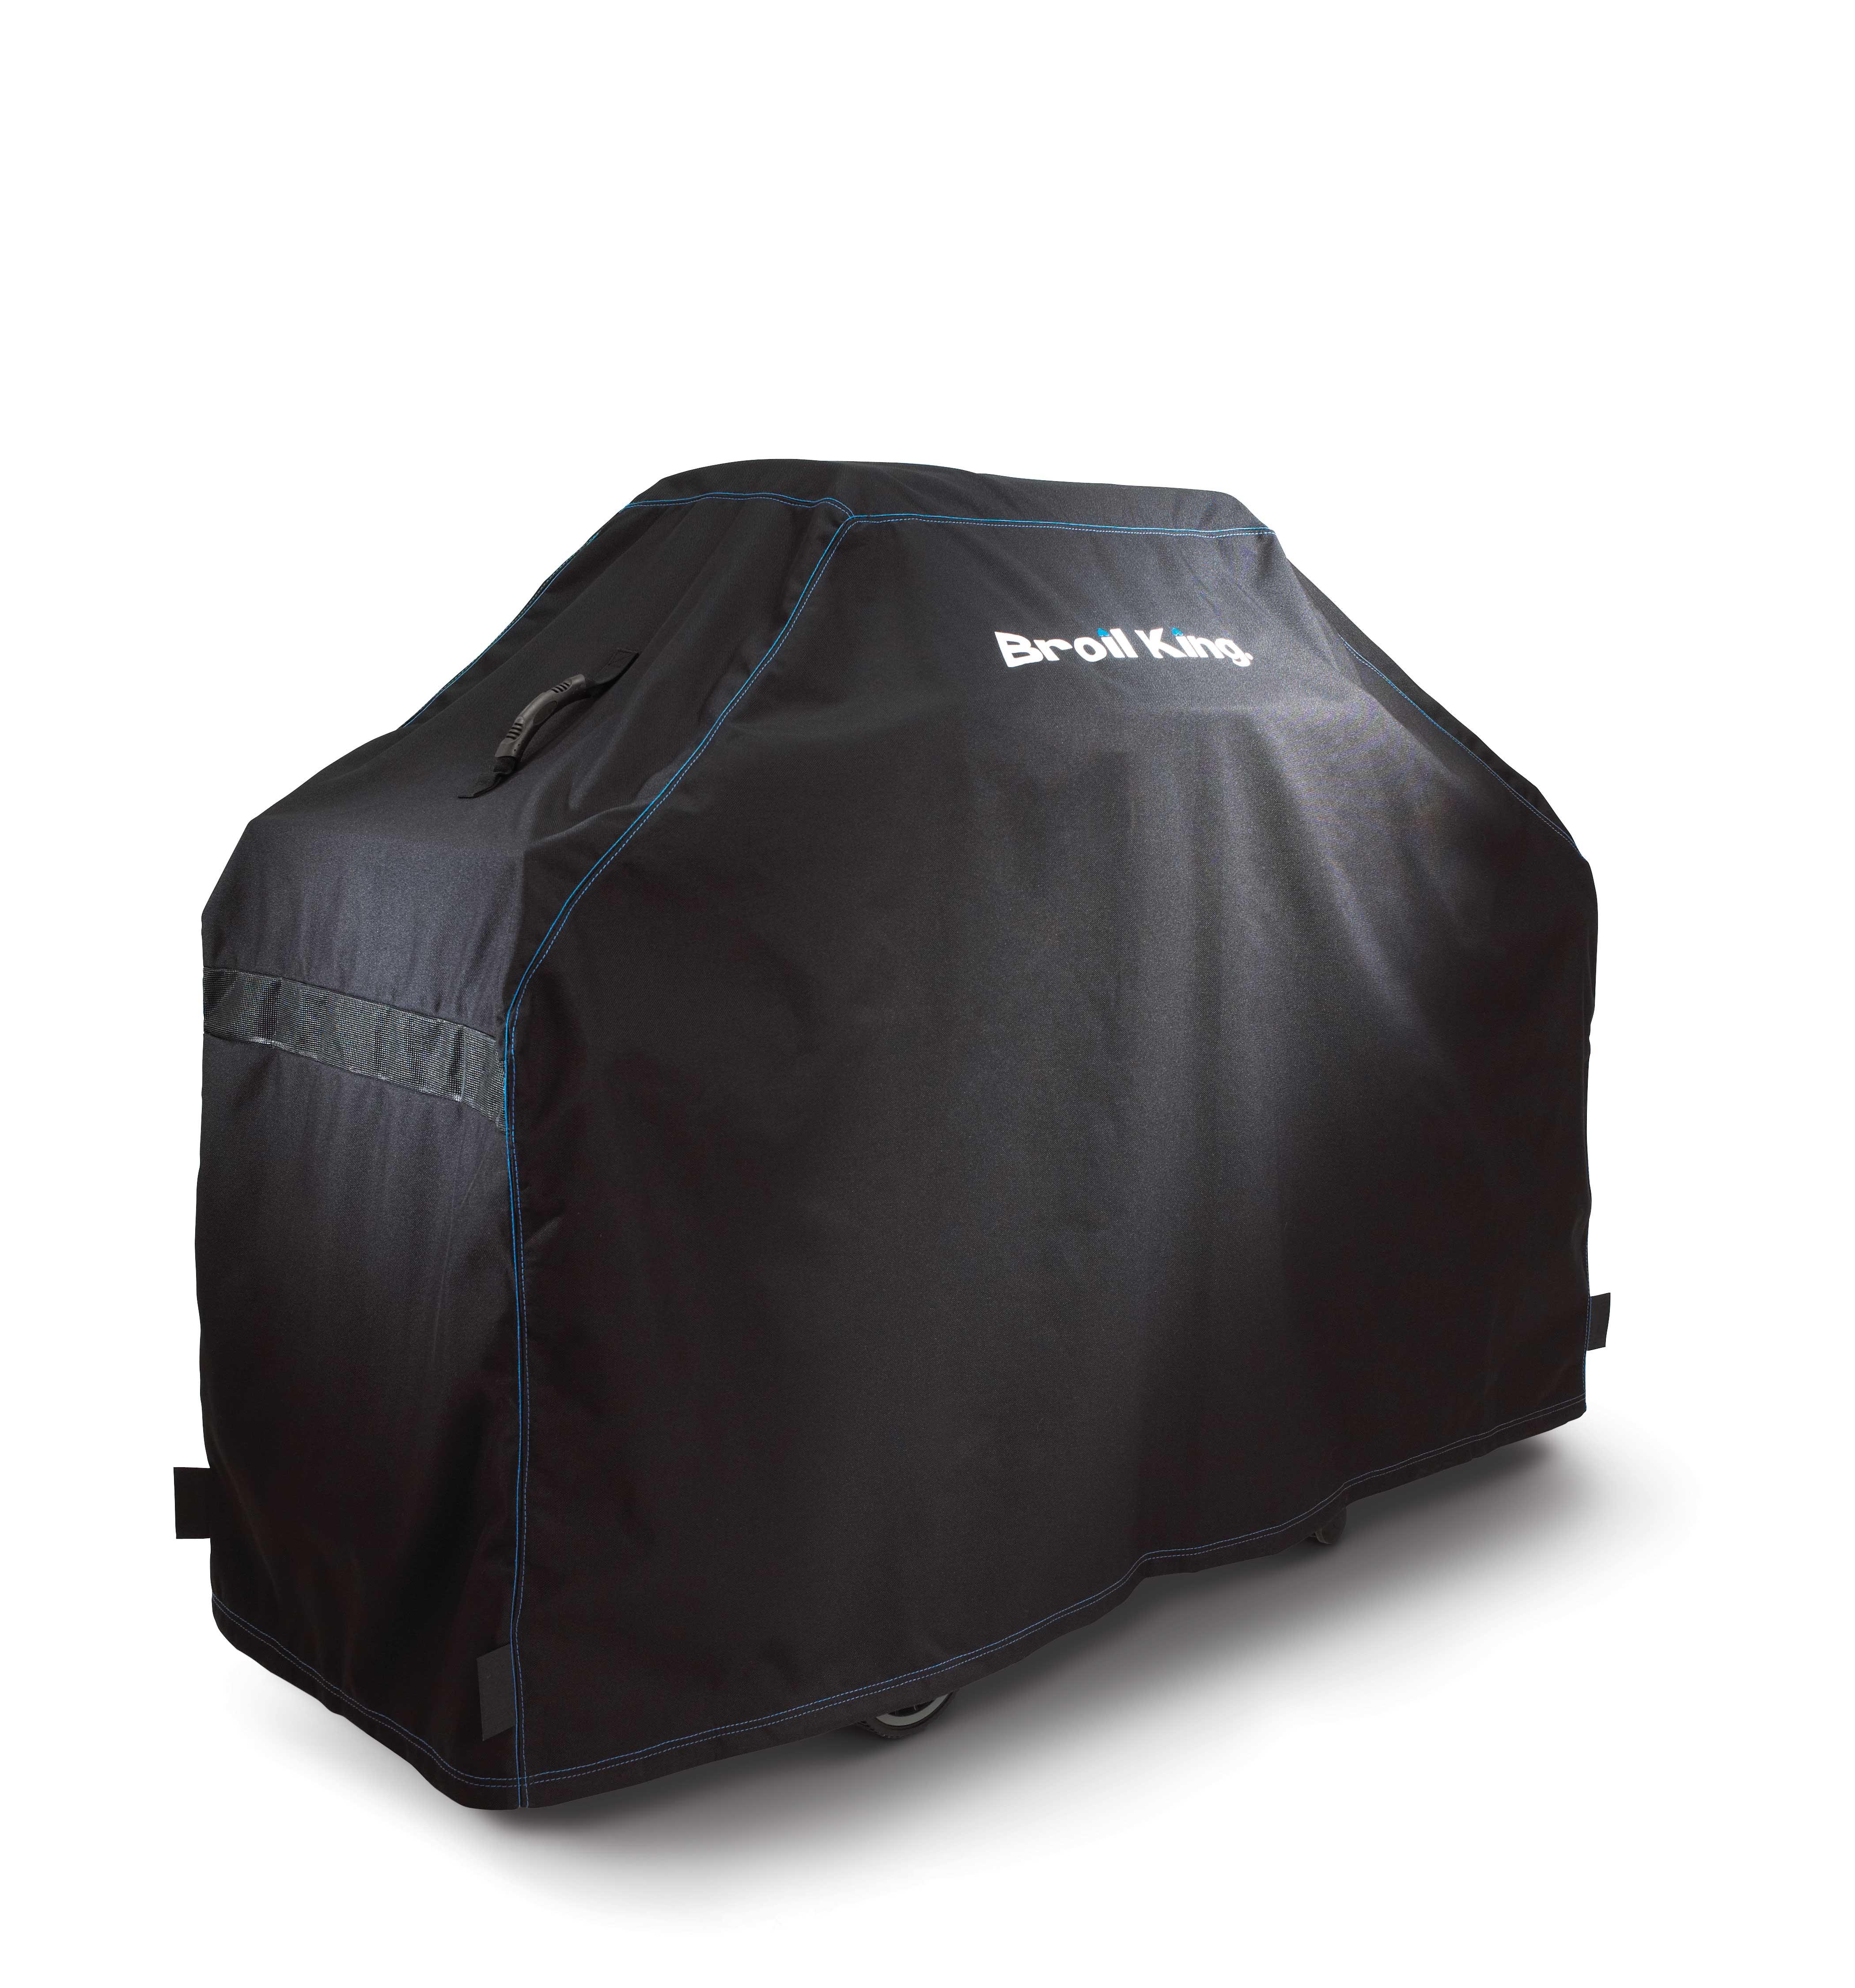 broil king abdeckhaube kaufen passende haube f r ihren grill. Black Bedroom Furniture Sets. Home Design Ideas